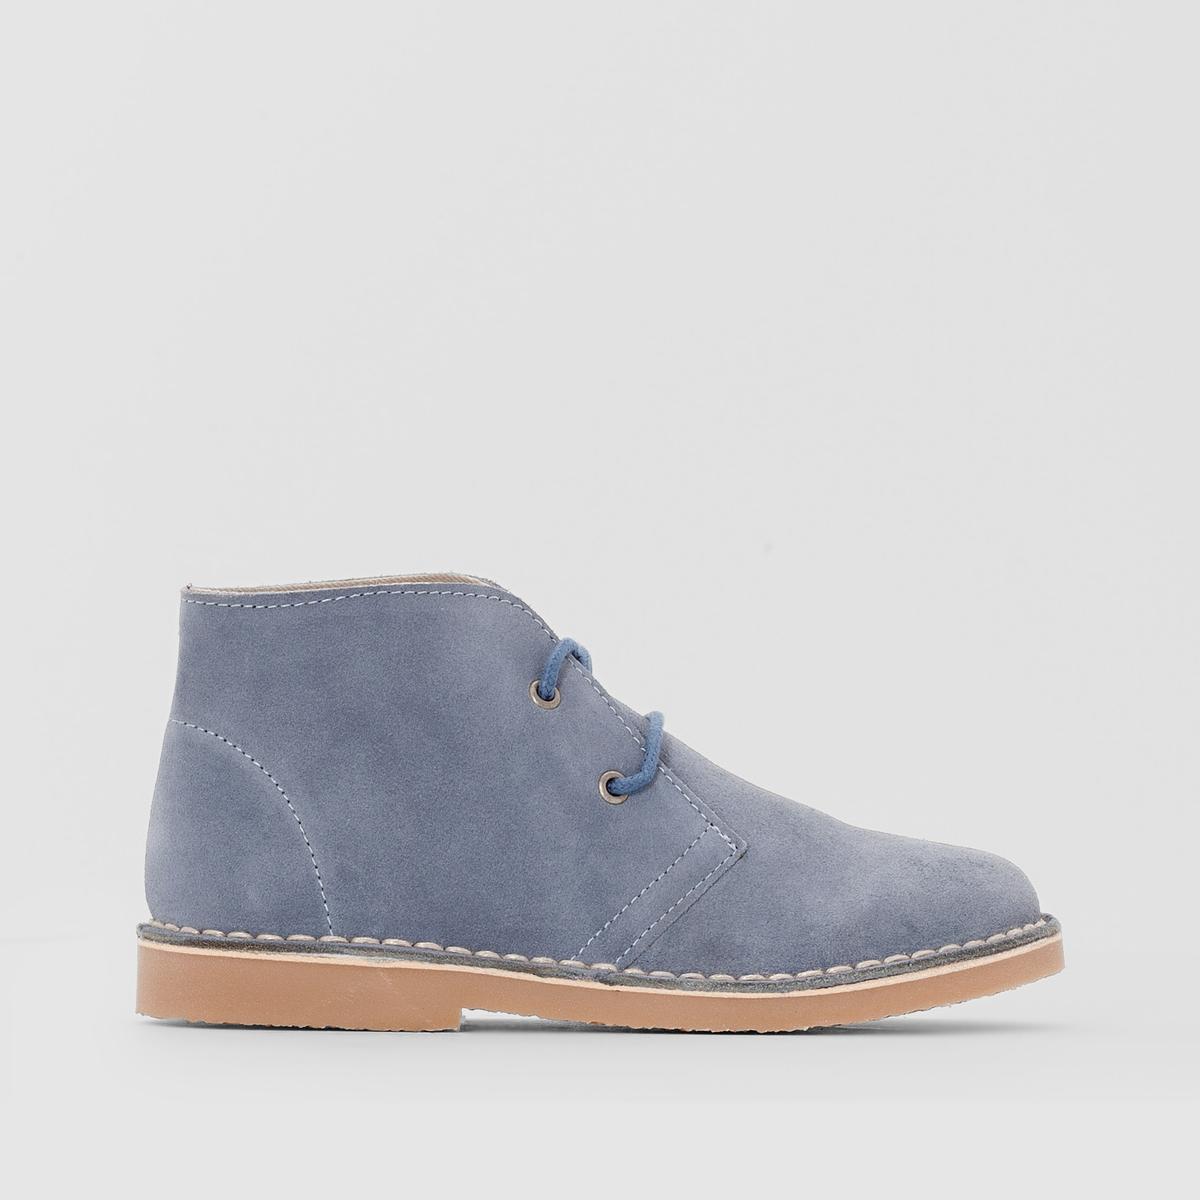 Ботинки из невыделанной кожиДетали  •  Застежка : шнуровка •  Круглый мысокСостав и уход  •  Верх 100% спилок •  Подкладка 100% других волокон<br><br>Цвет: синий